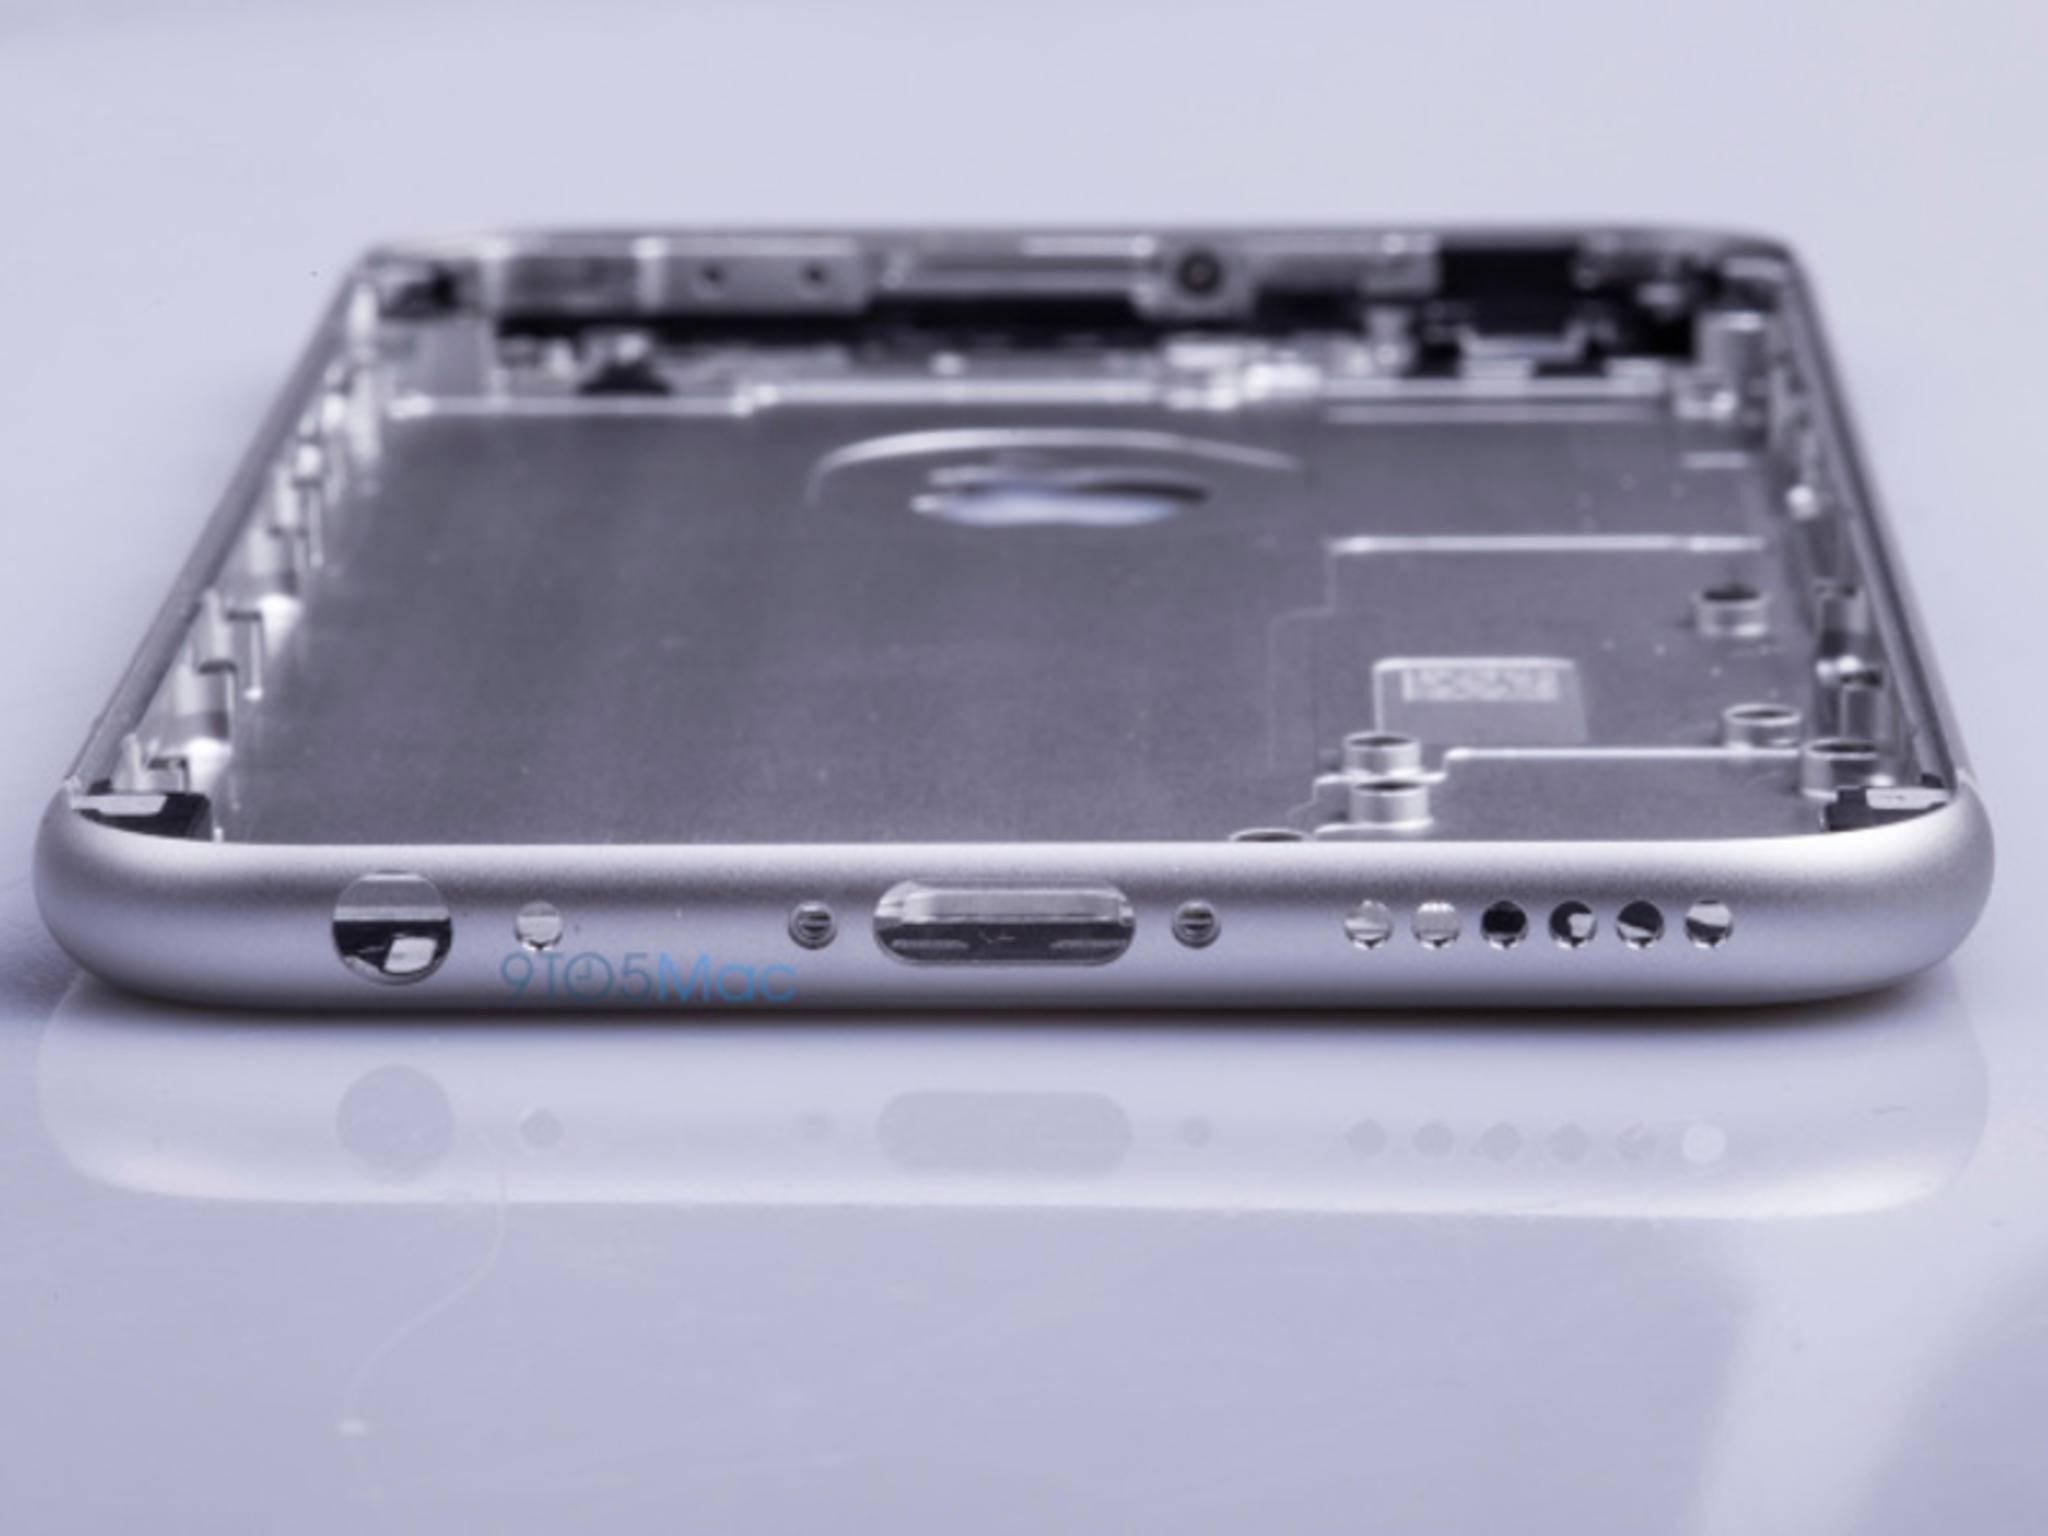 So soll das Metallgehäuse des iPhone 6s aussehen.